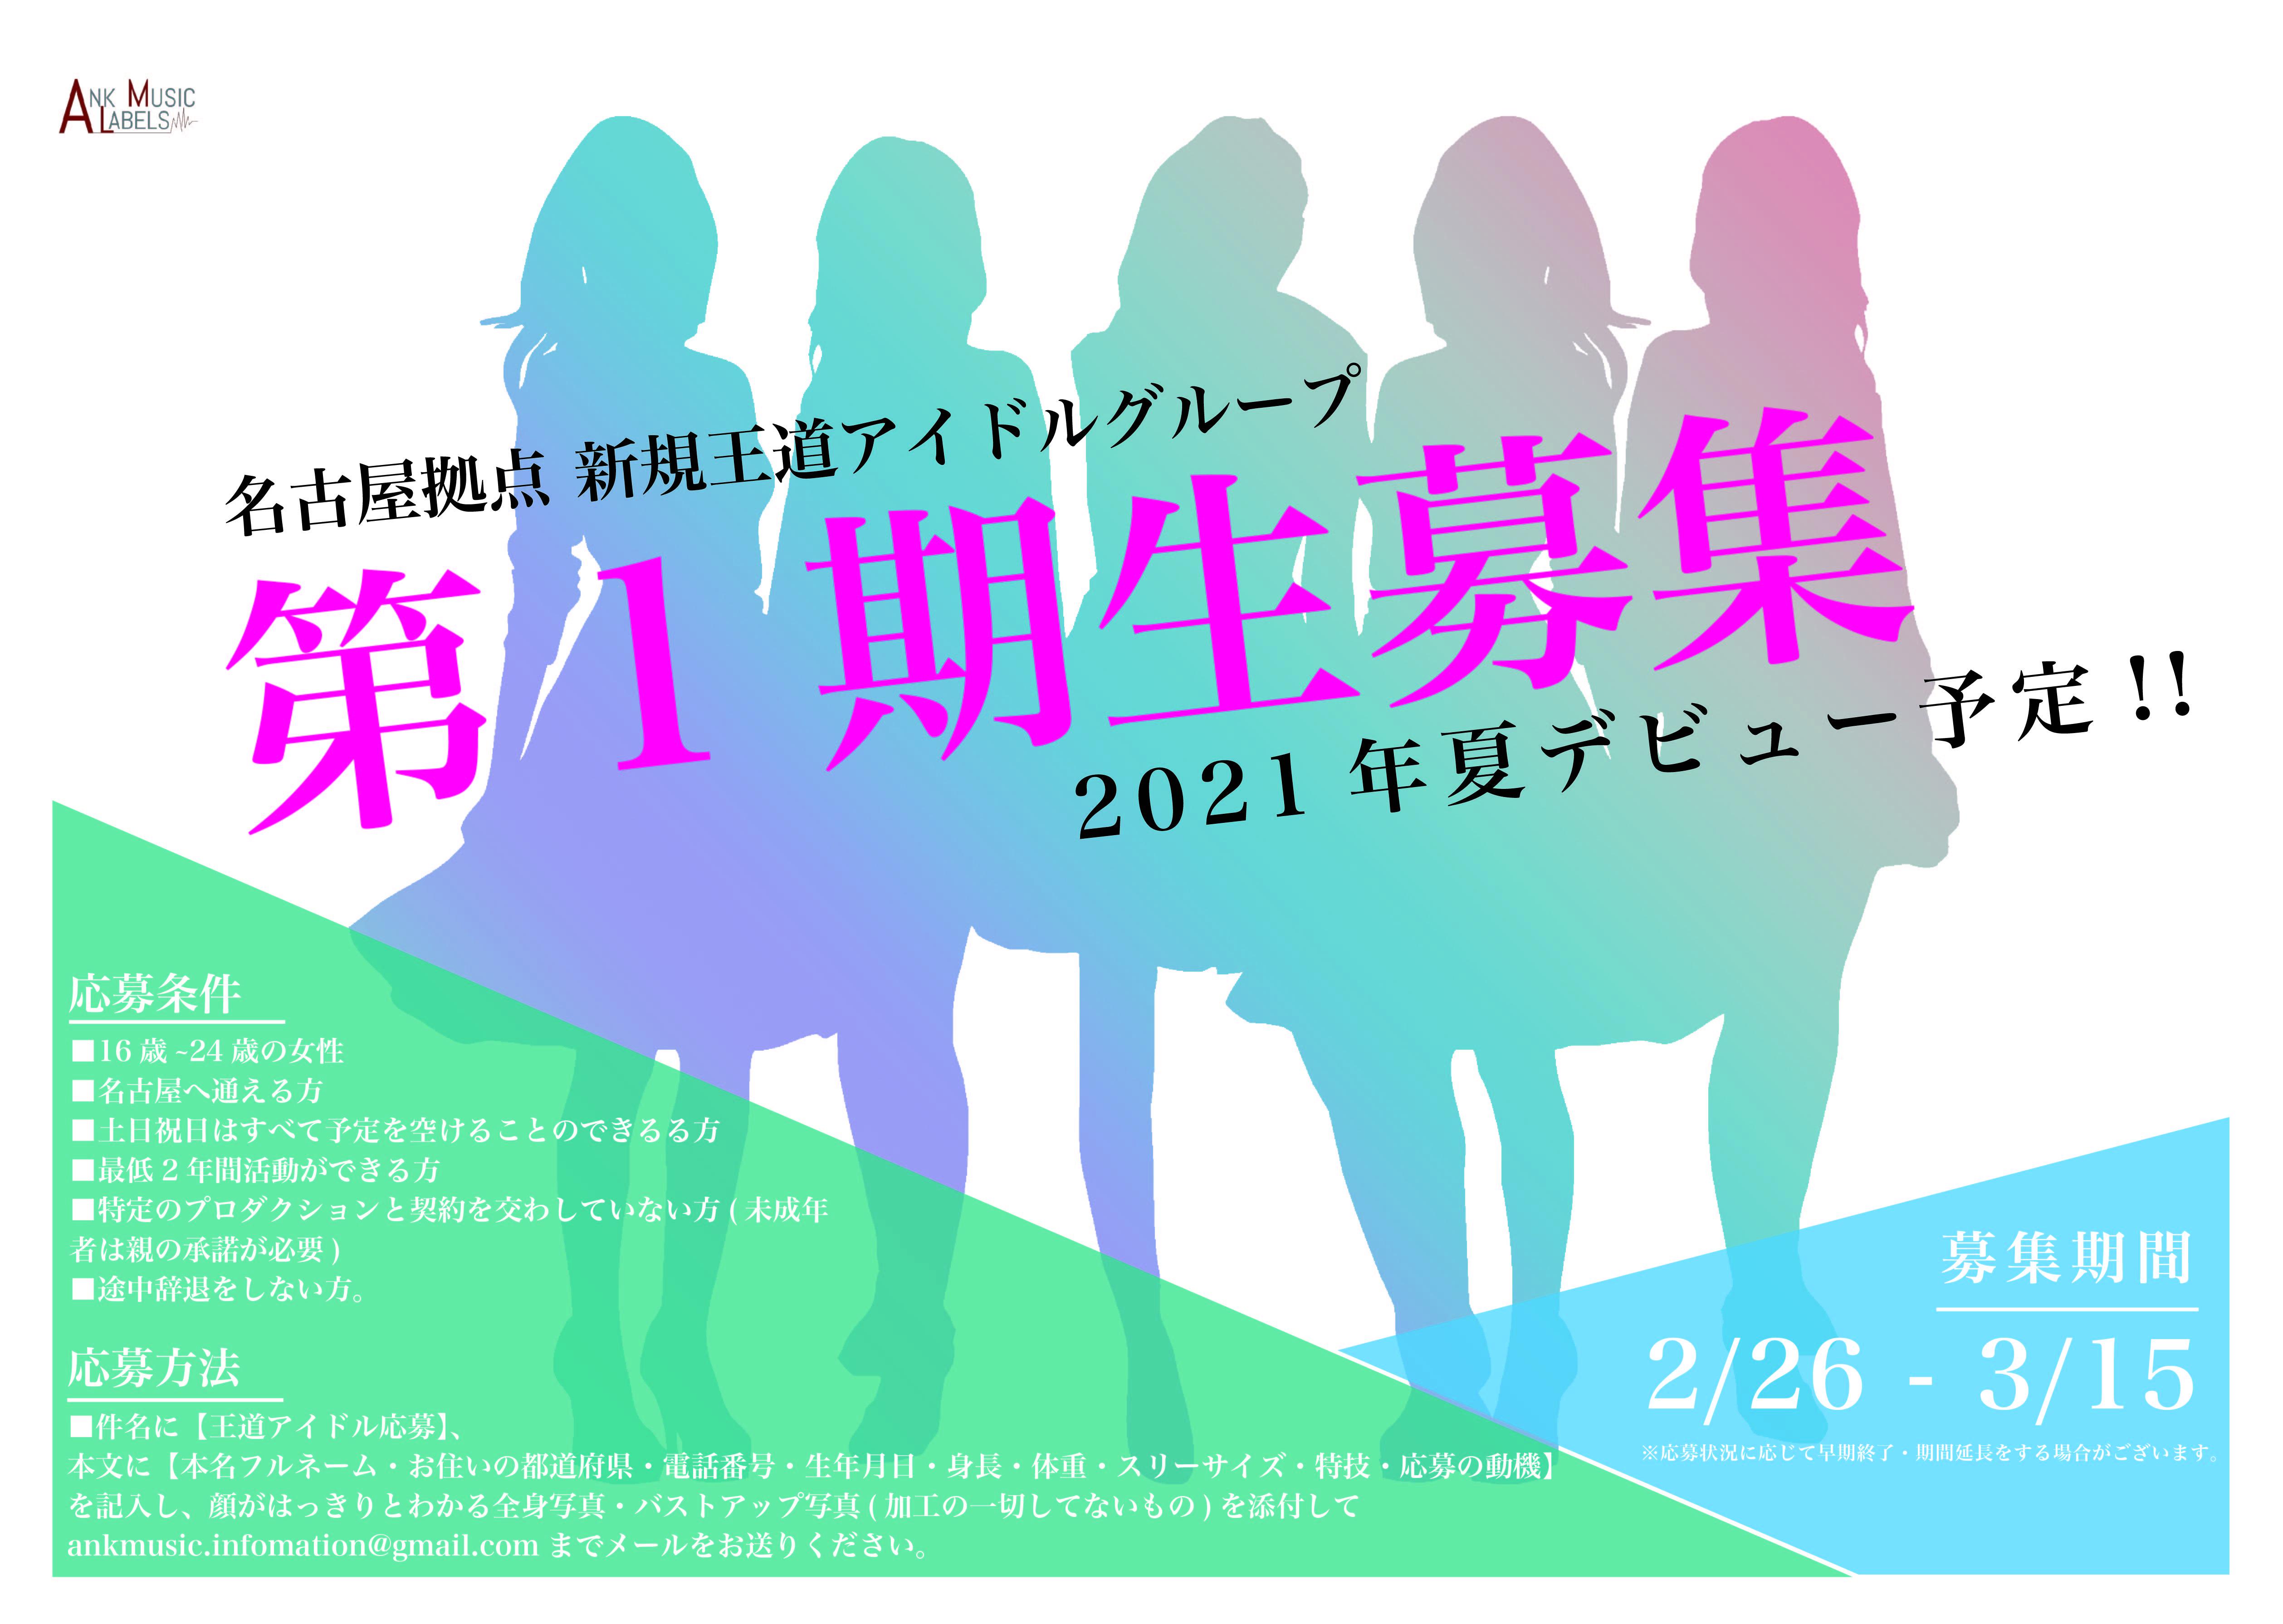 オーディション [名古屋]ANK MUSIC LABELS 王道アイドル候補生追加募集 辞退者が出たため、急遽2名追加募集! 主催:ANK MUSIC LABELS、カテゴリ:アイドル(東京以外)